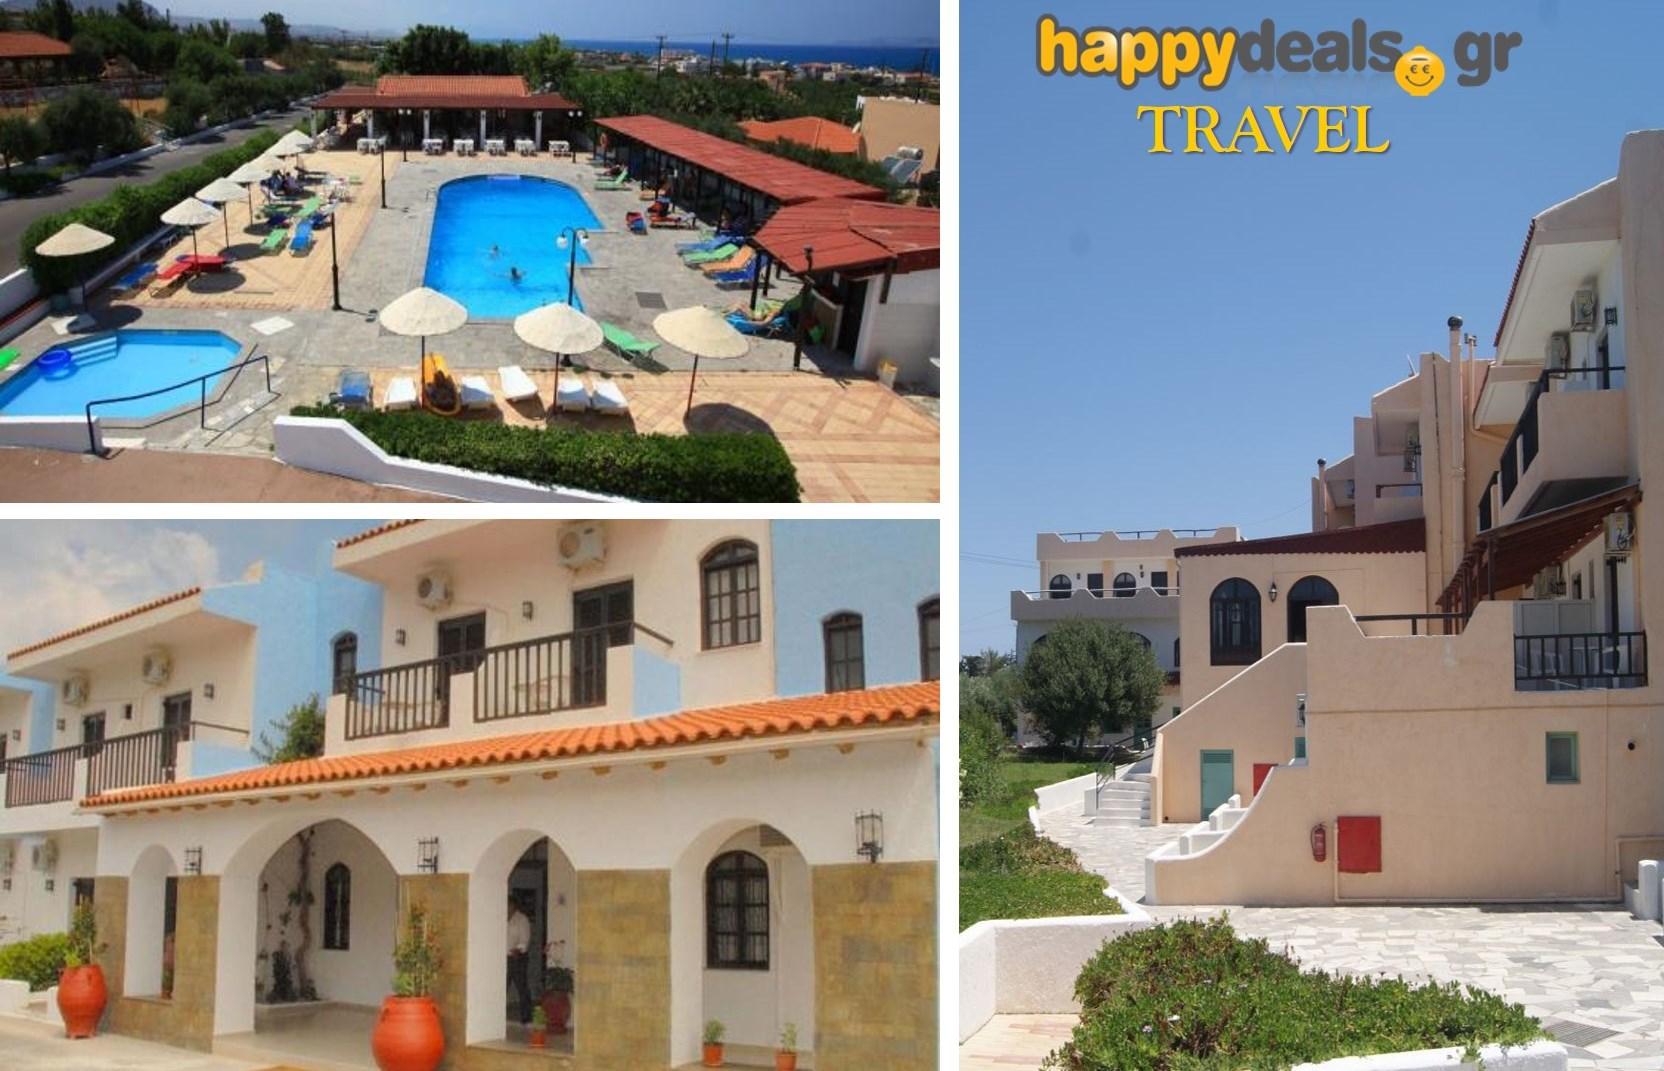 Διακοπές στην ΚΡΗΤΗ: Από 69€ για 5ήμερη απόδραση με ημιδιατροφή, στο ''Galini Hotel'' στον Ανισσαρά Ηρακλείου εικόνα